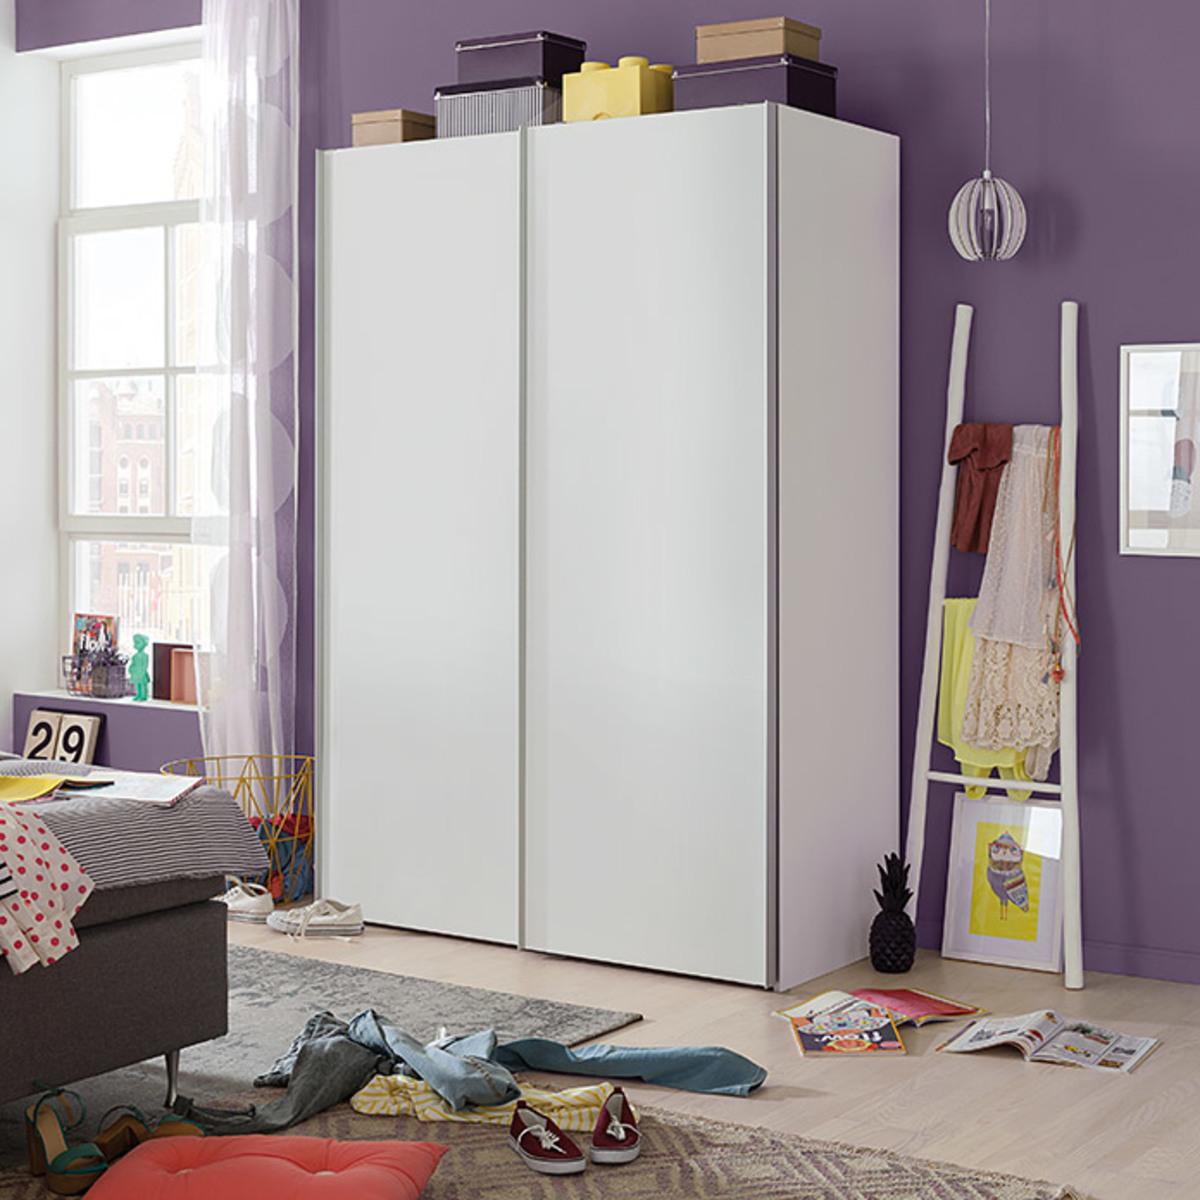 Bild 3 von Express Möbel Kleiderschrank Budget